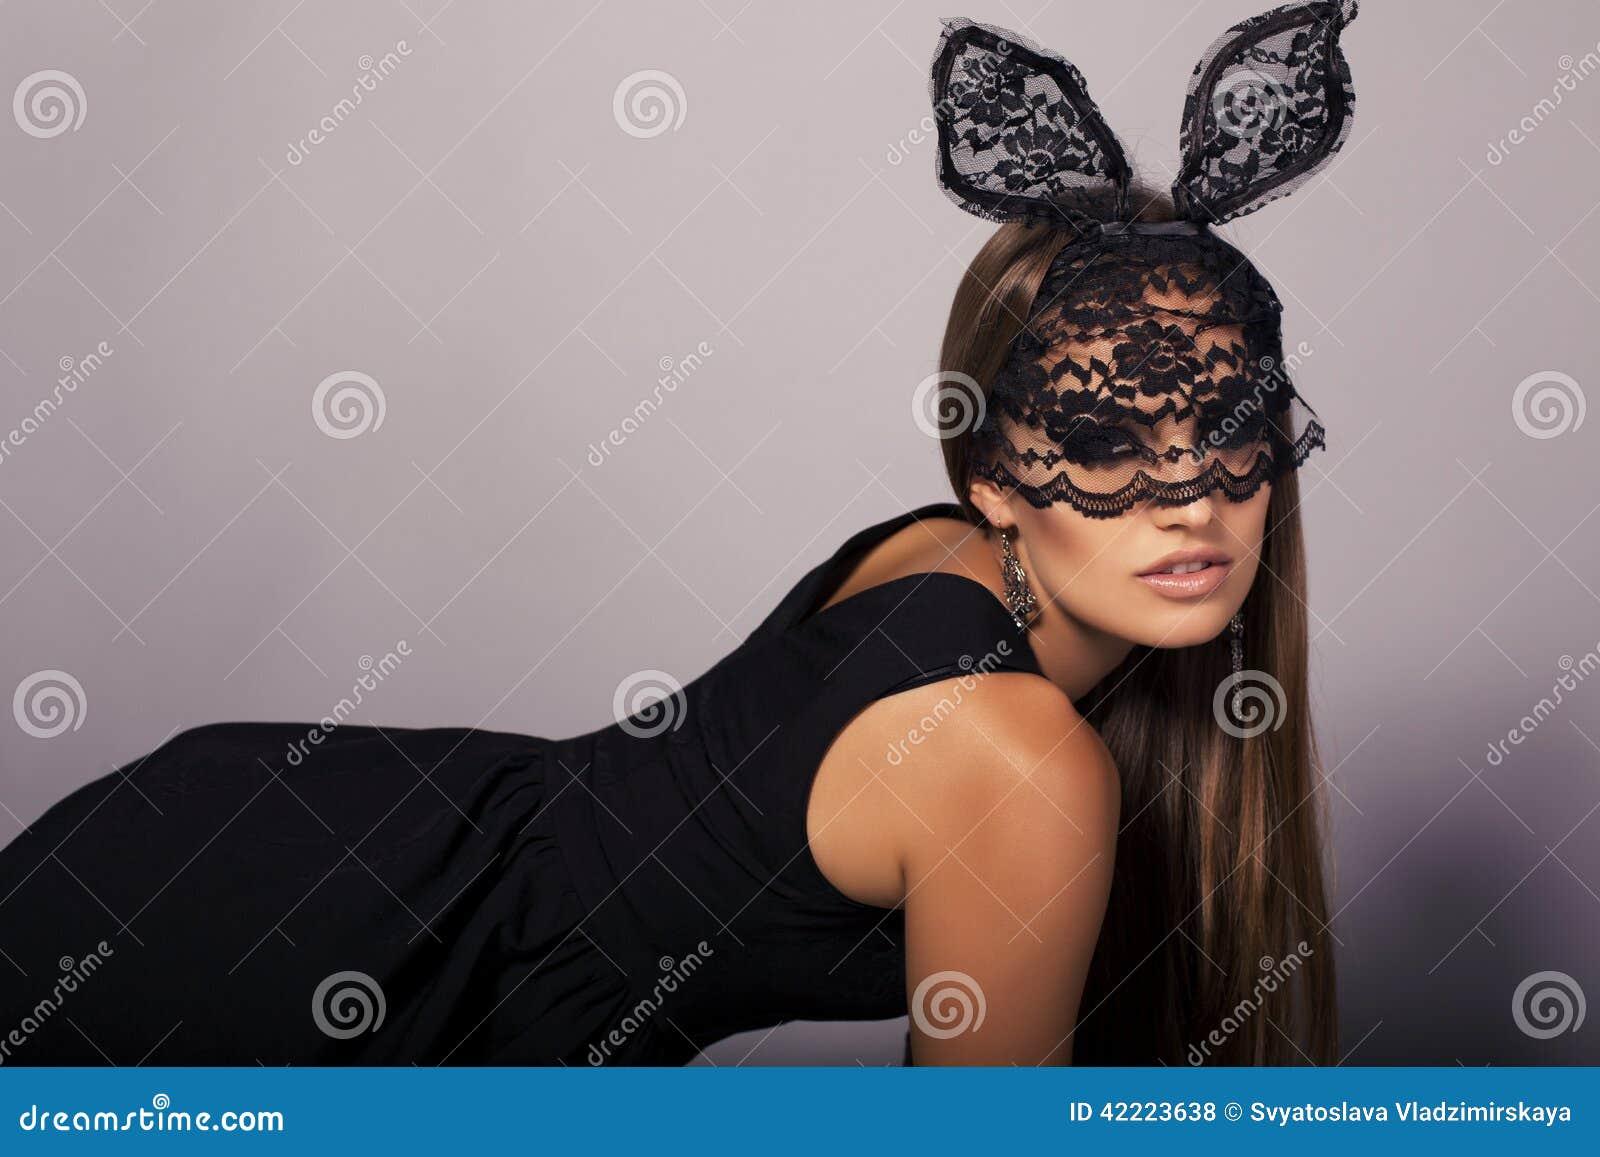 Сексуальные фото женщин в масках фото 611-661